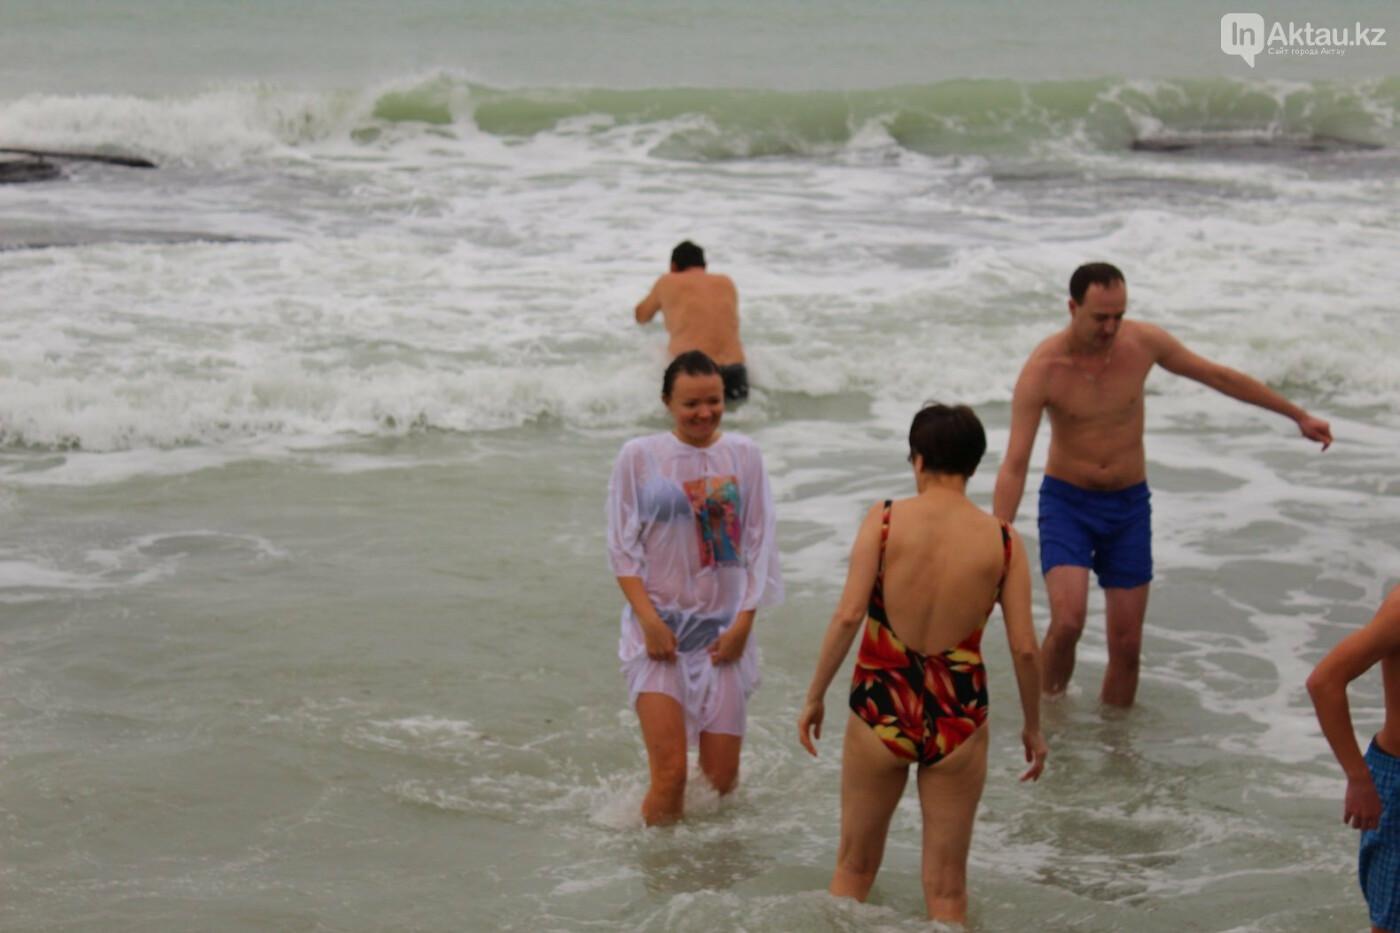 Уикенд в Актау: Крещенские купания, слайм своими руками и степная охота, фото-2